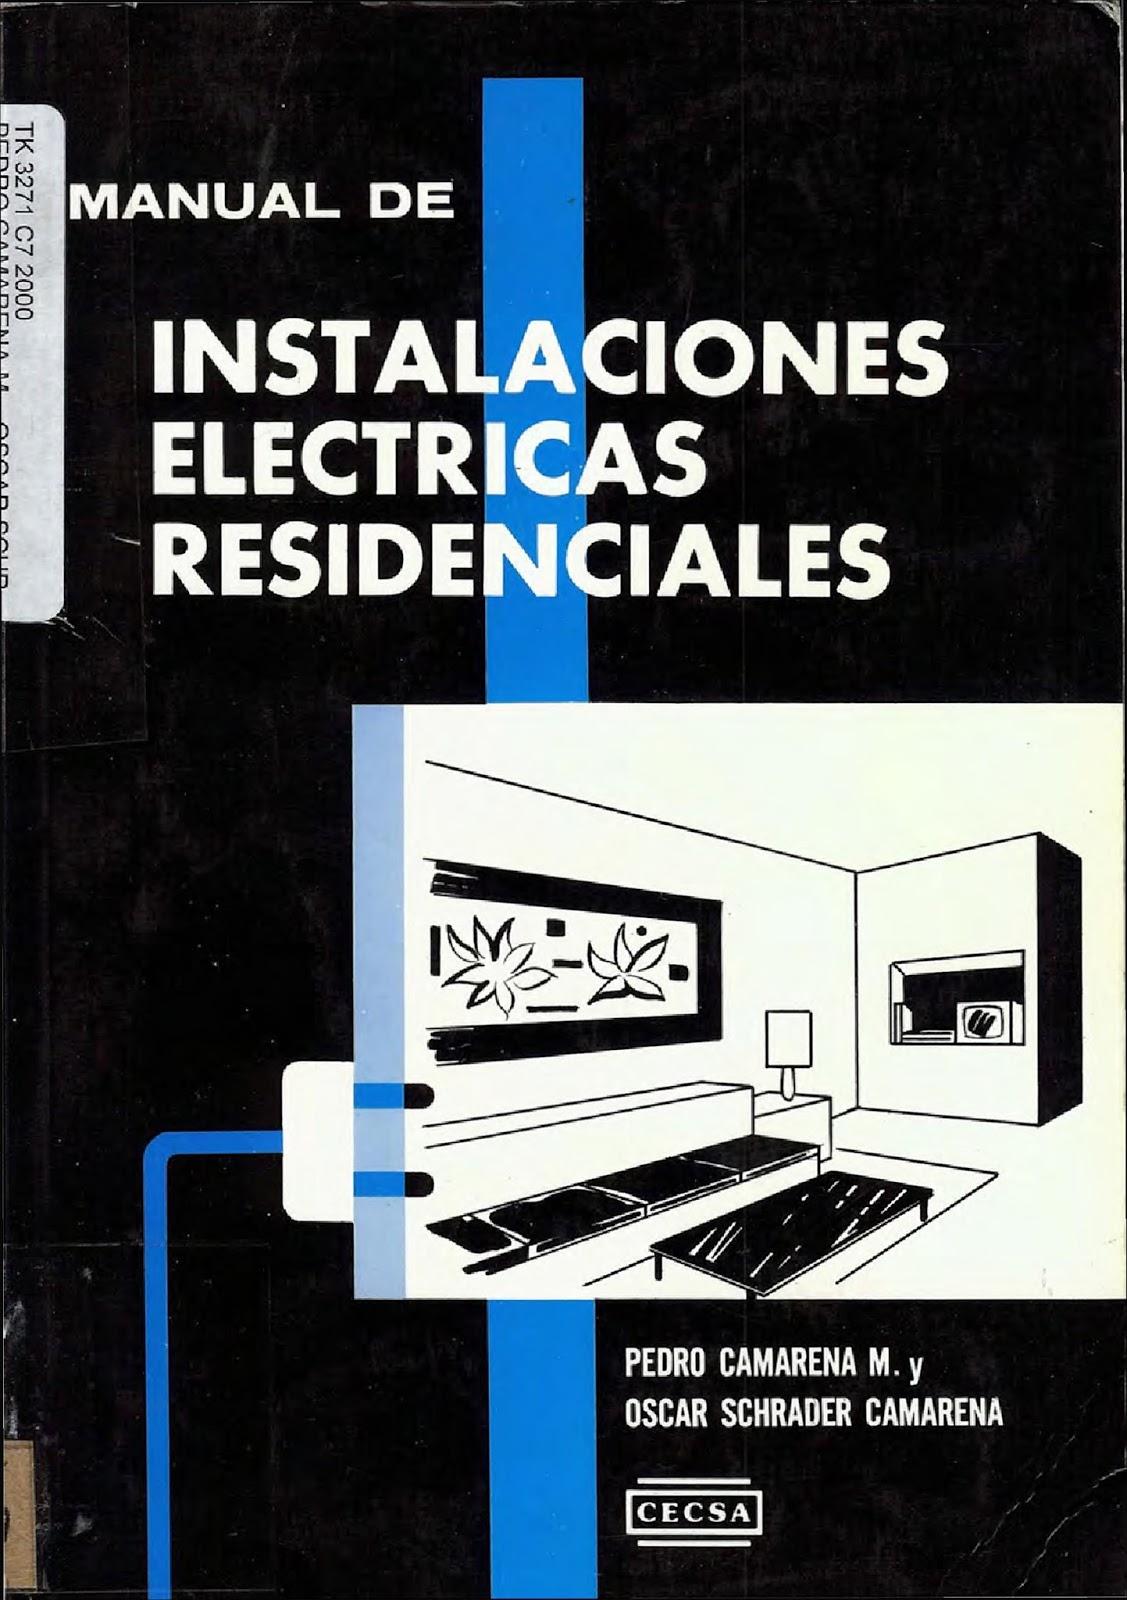 Manual de instalaciones eléctricas residenciales – Pedro Camarena M ...